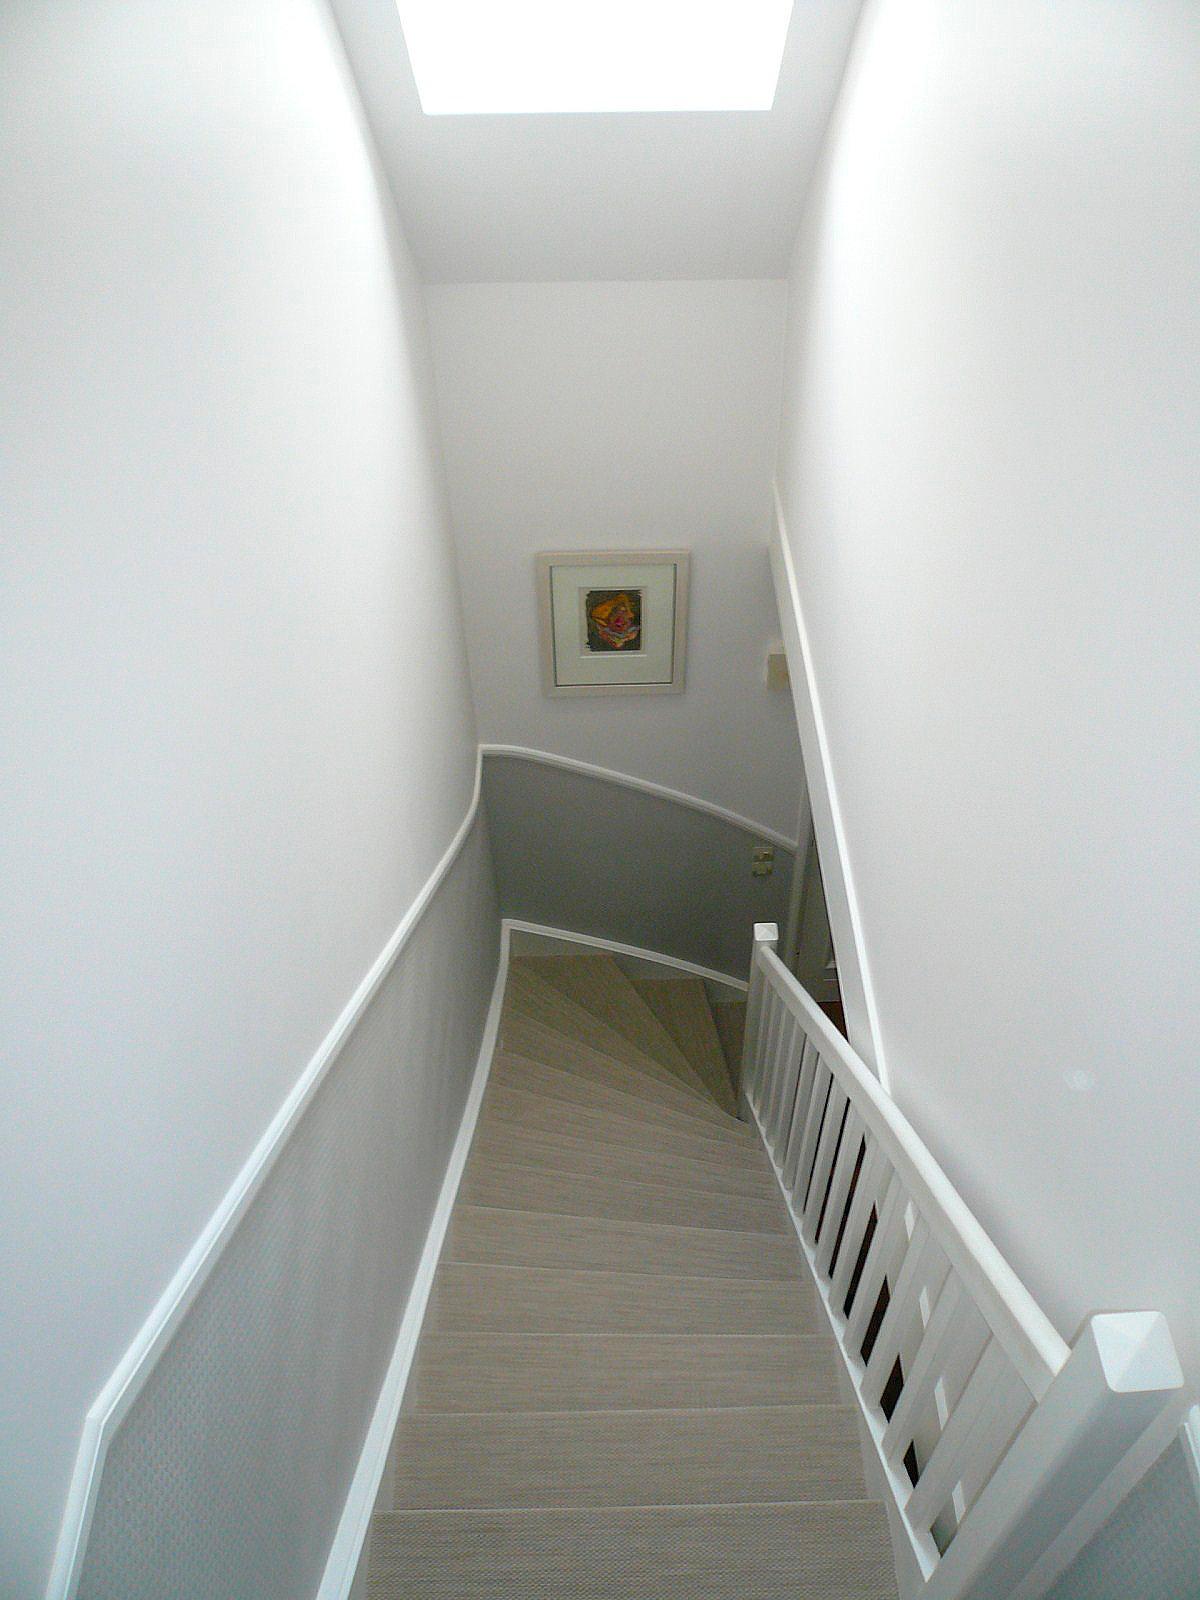 ets hamerlinck i artisan peintre i wasquehal lambersart cage escalier. Black Bedroom Furniture Sets. Home Design Ideas